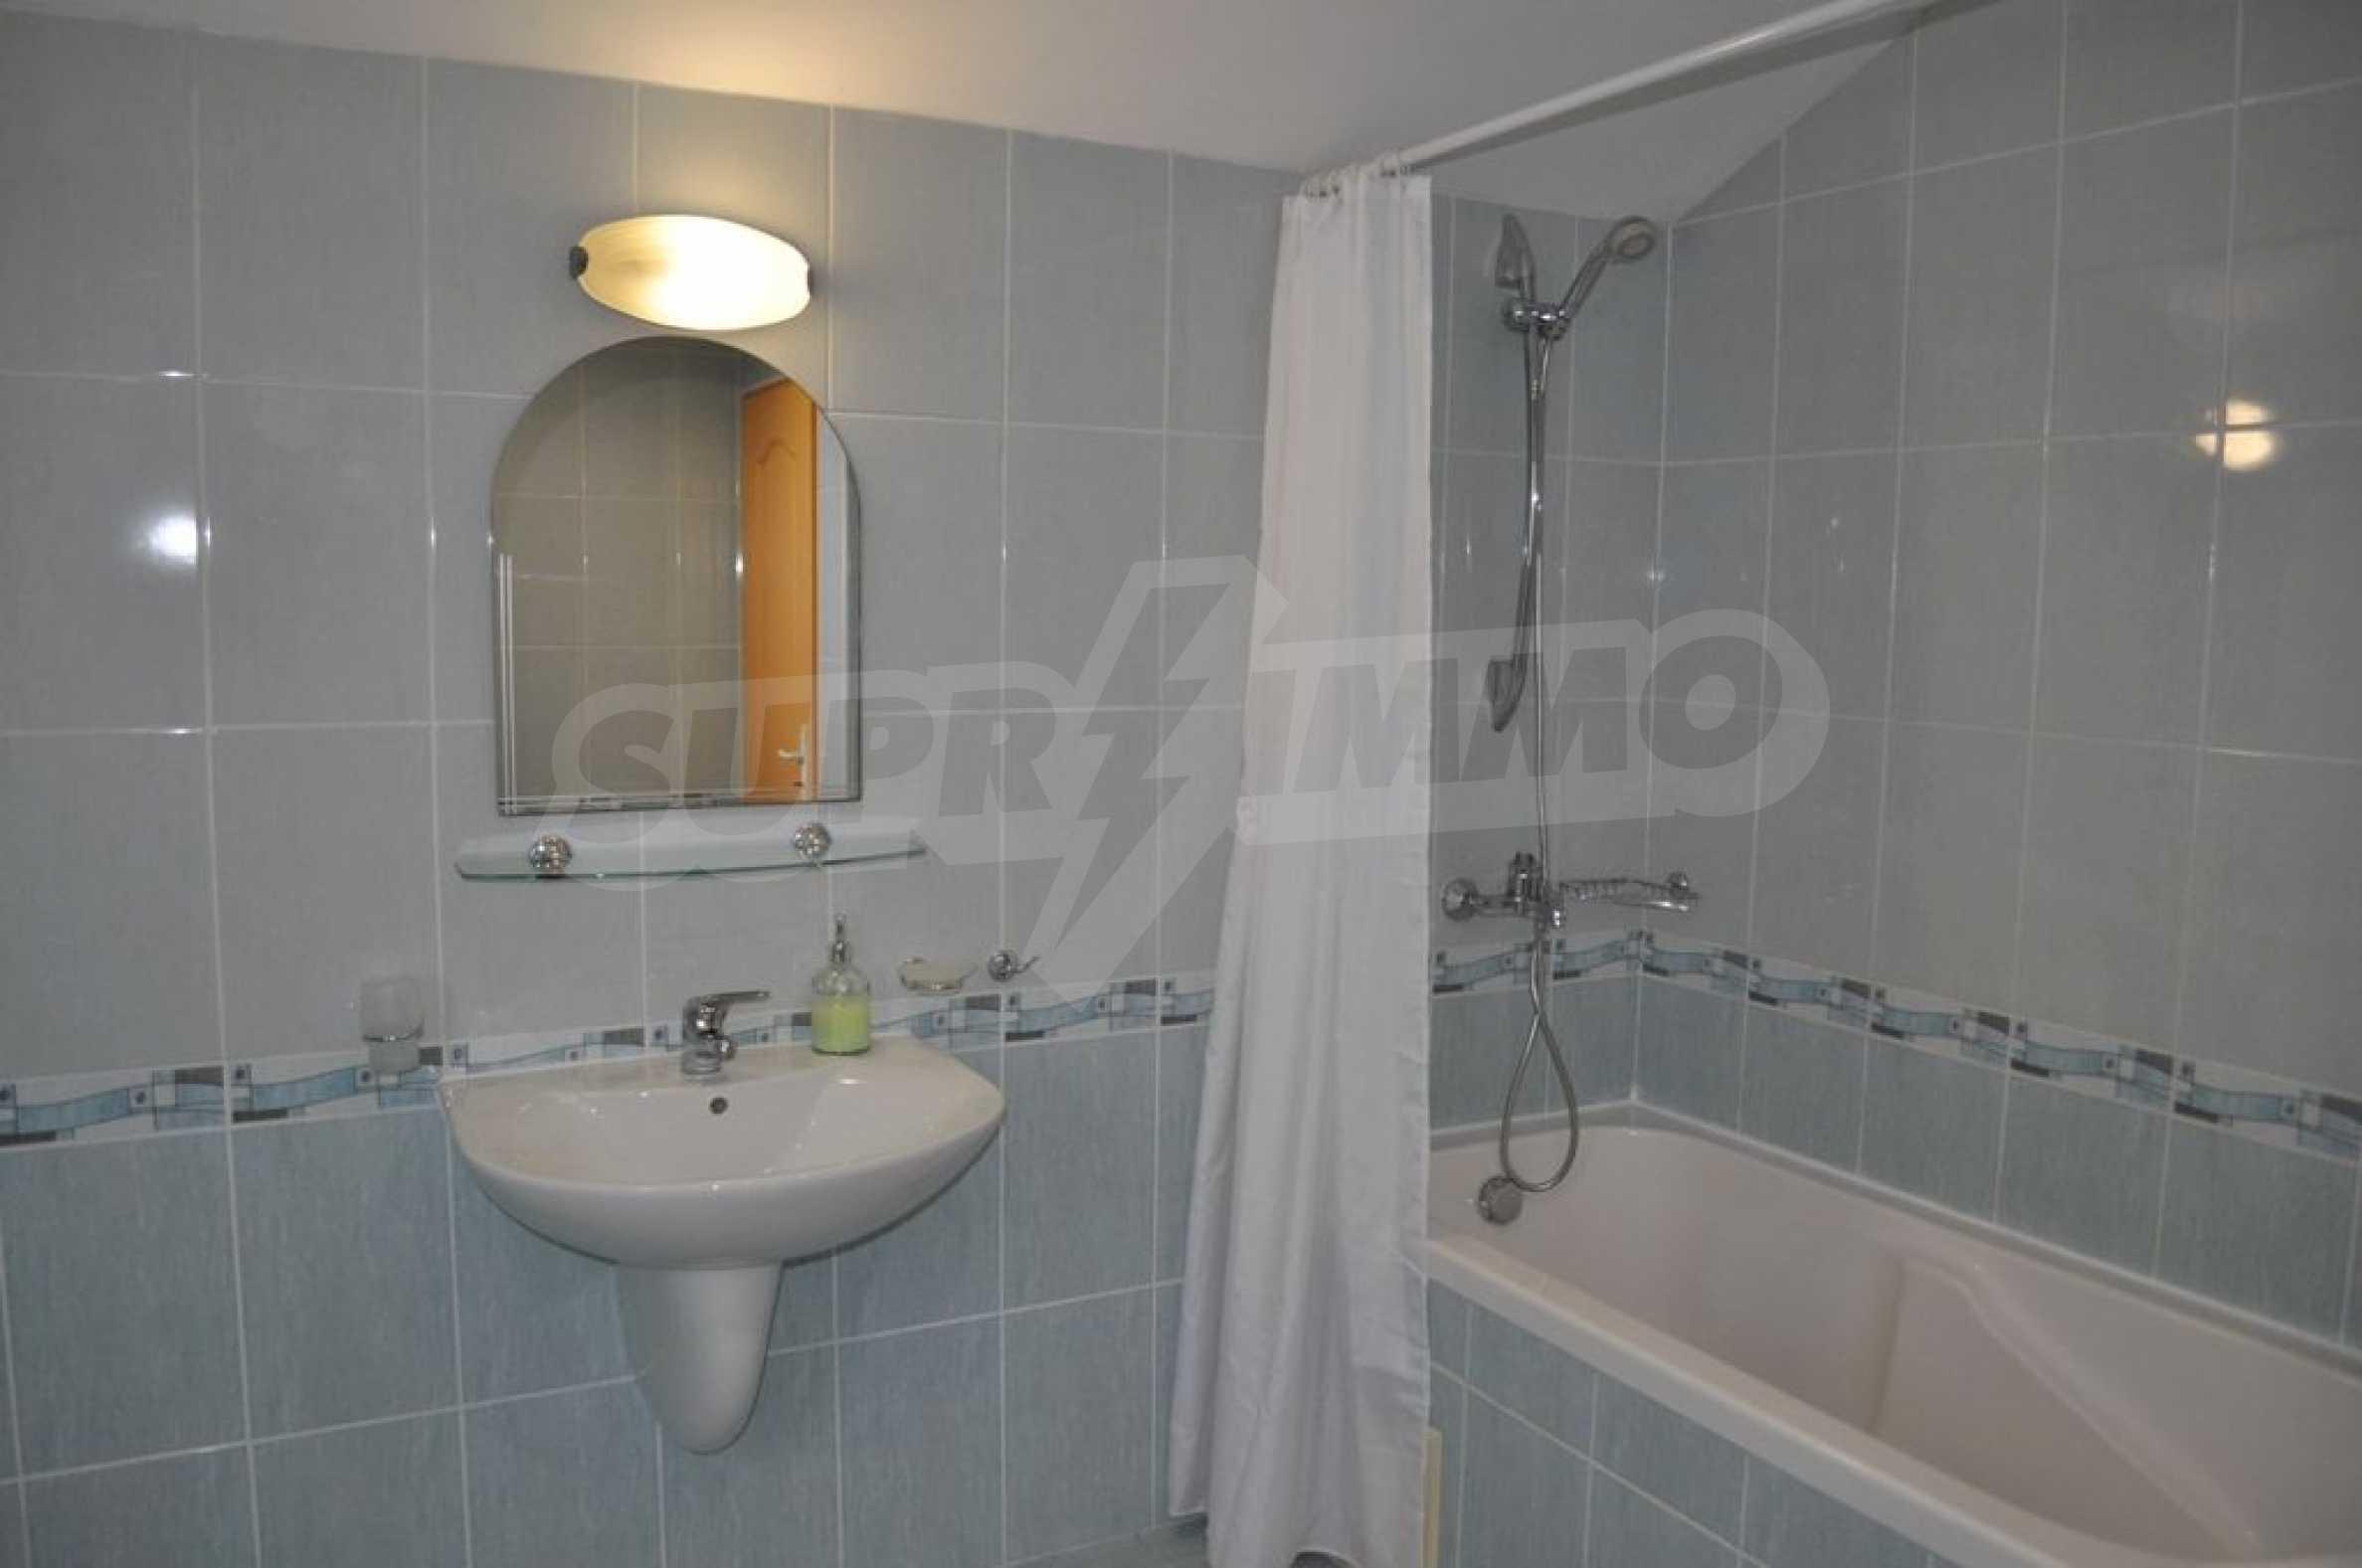 Villa mit Swimmingpool und 6 Schlafzimmern in der Nähe des Resorts Albena 26